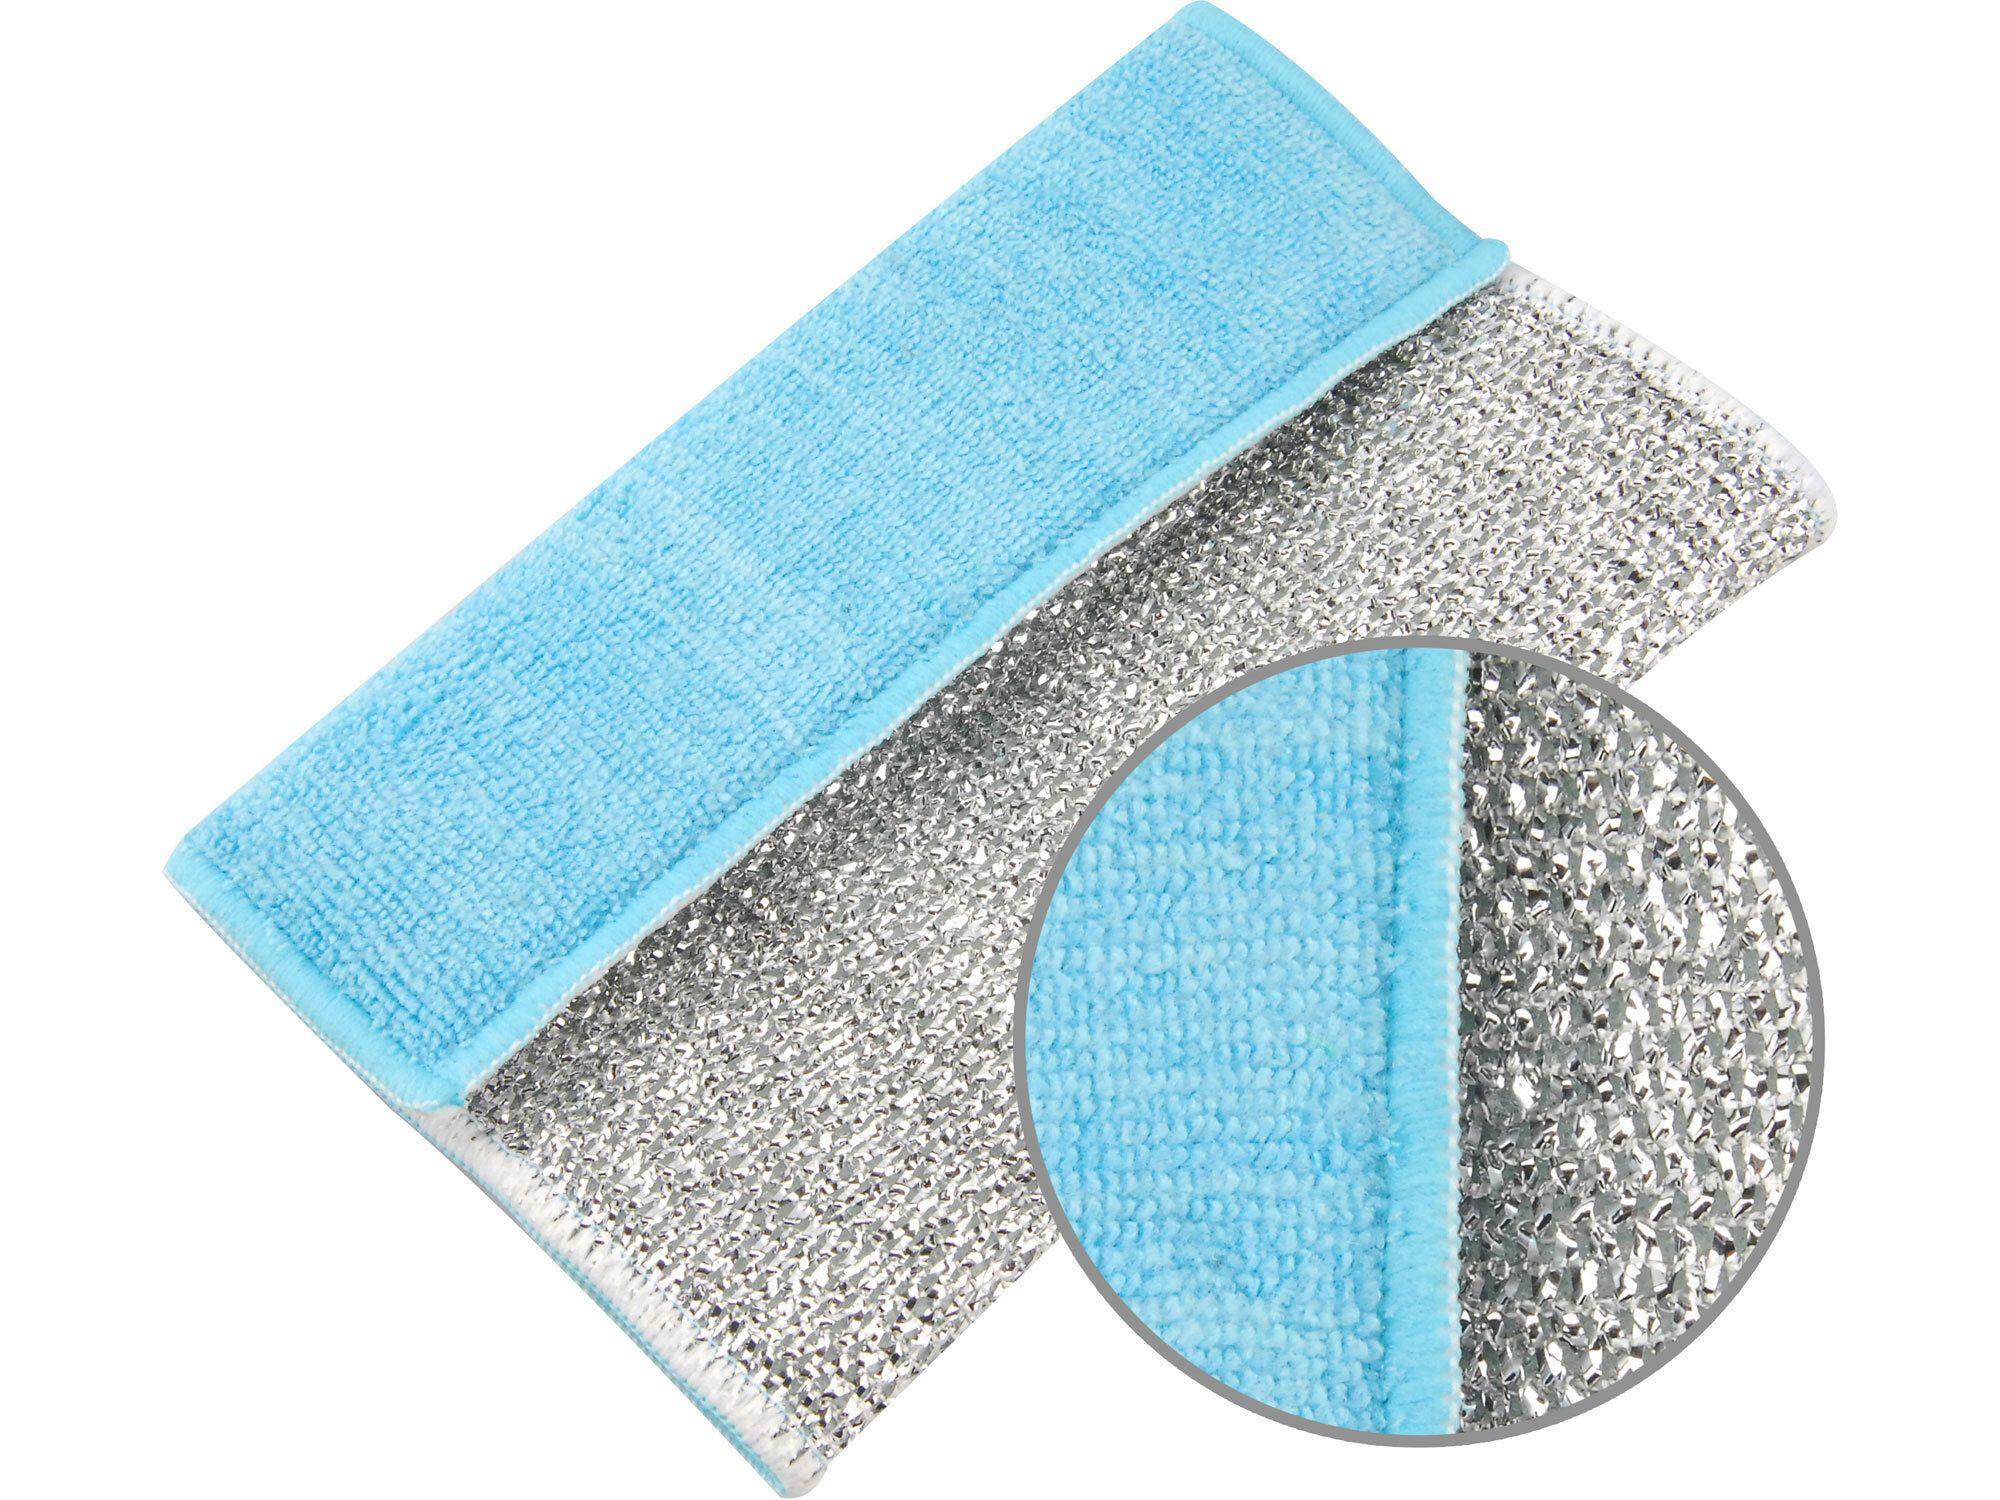 Utěrka čistící se zdrsněným povrchem, 17x23cm, mikrovlákno